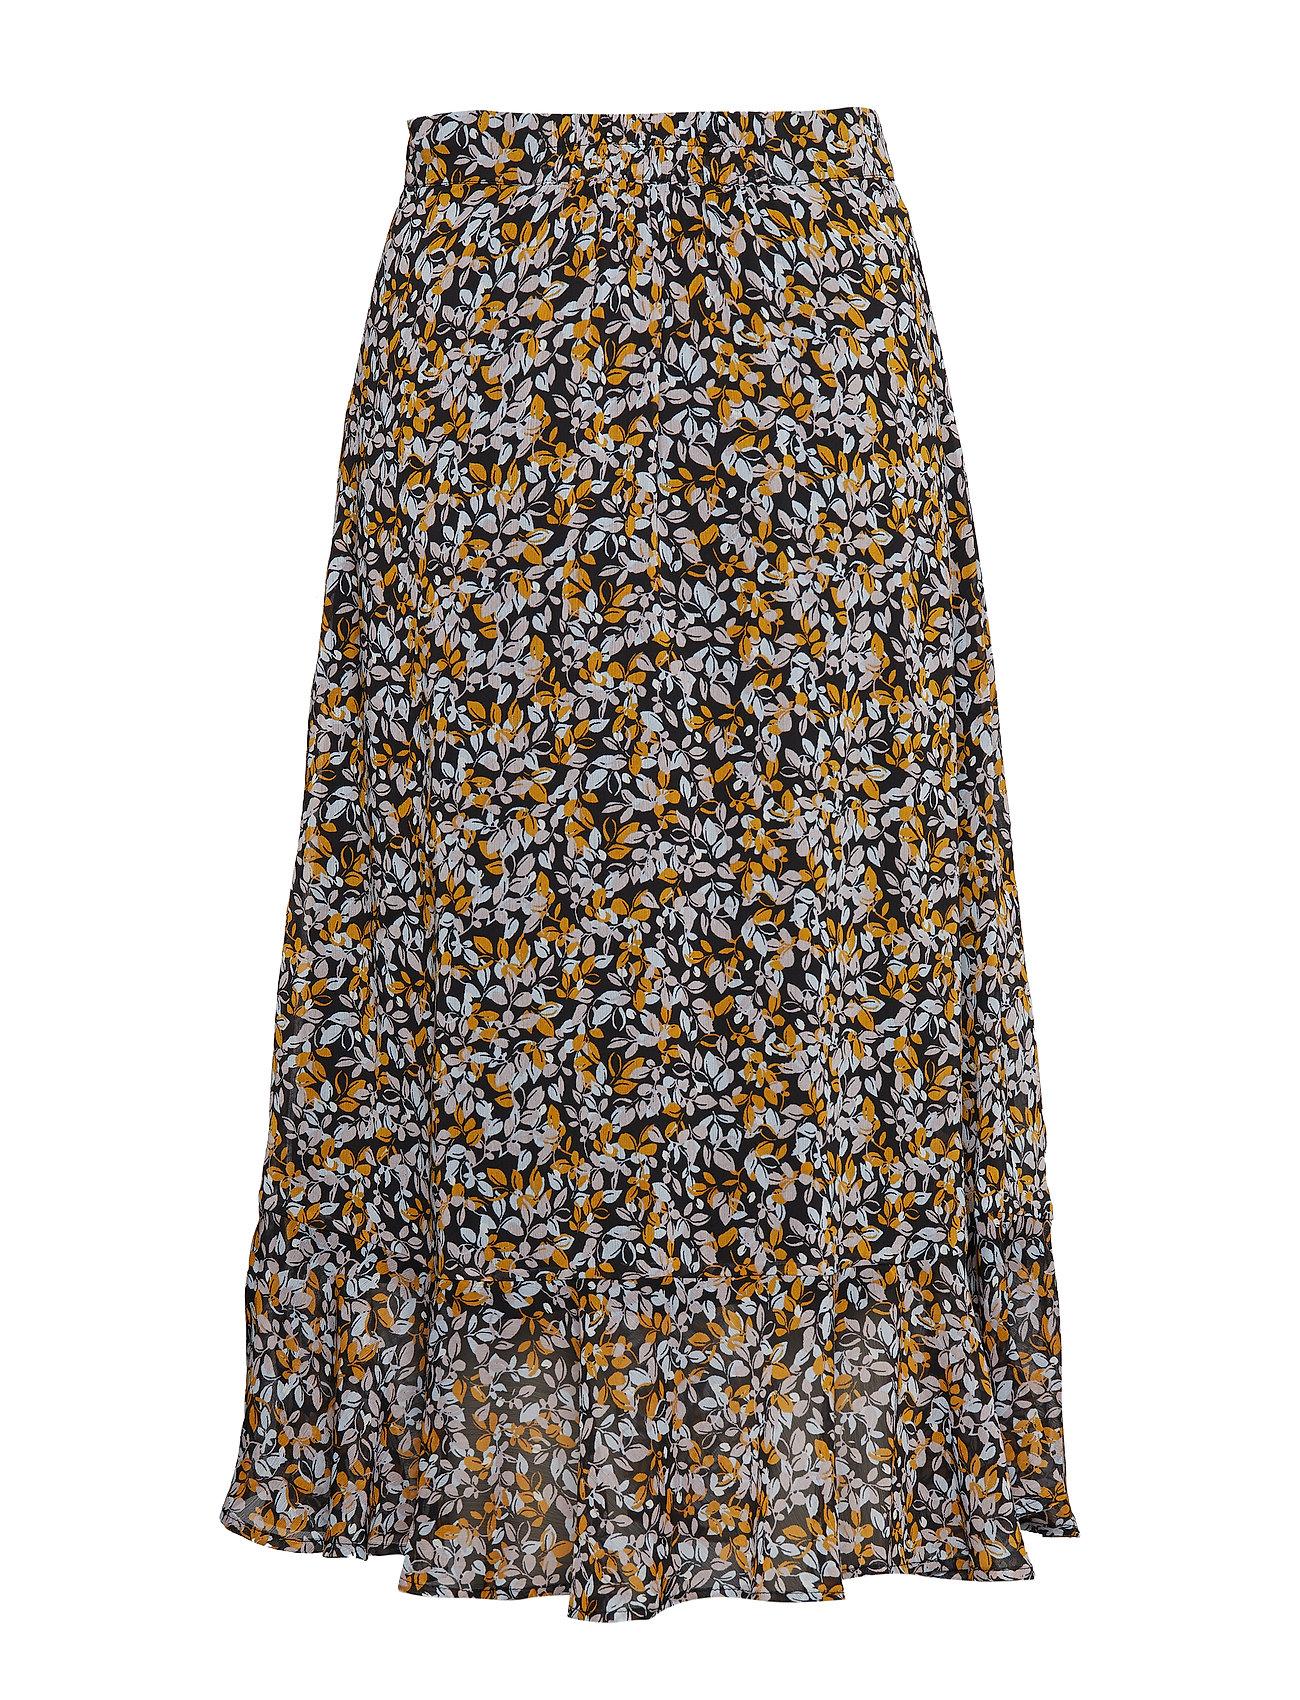 LeavesGestuz Georginagz Skirt Skirt LeavesGestuz Georginagz Hs19black Hs19black IybYf76mgv